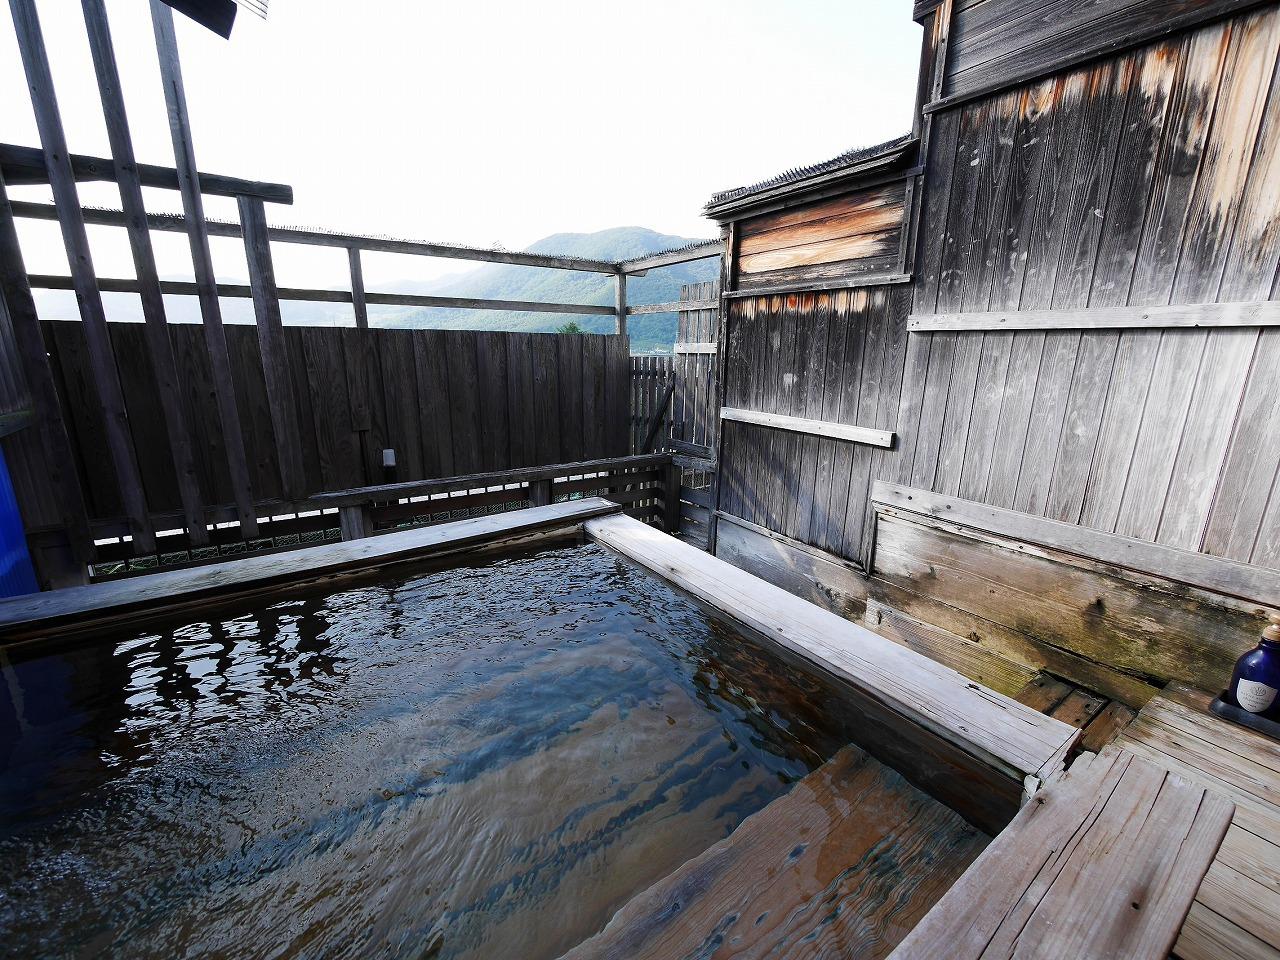 100%源泉かけ流しの温泉は24時間入浴可能!